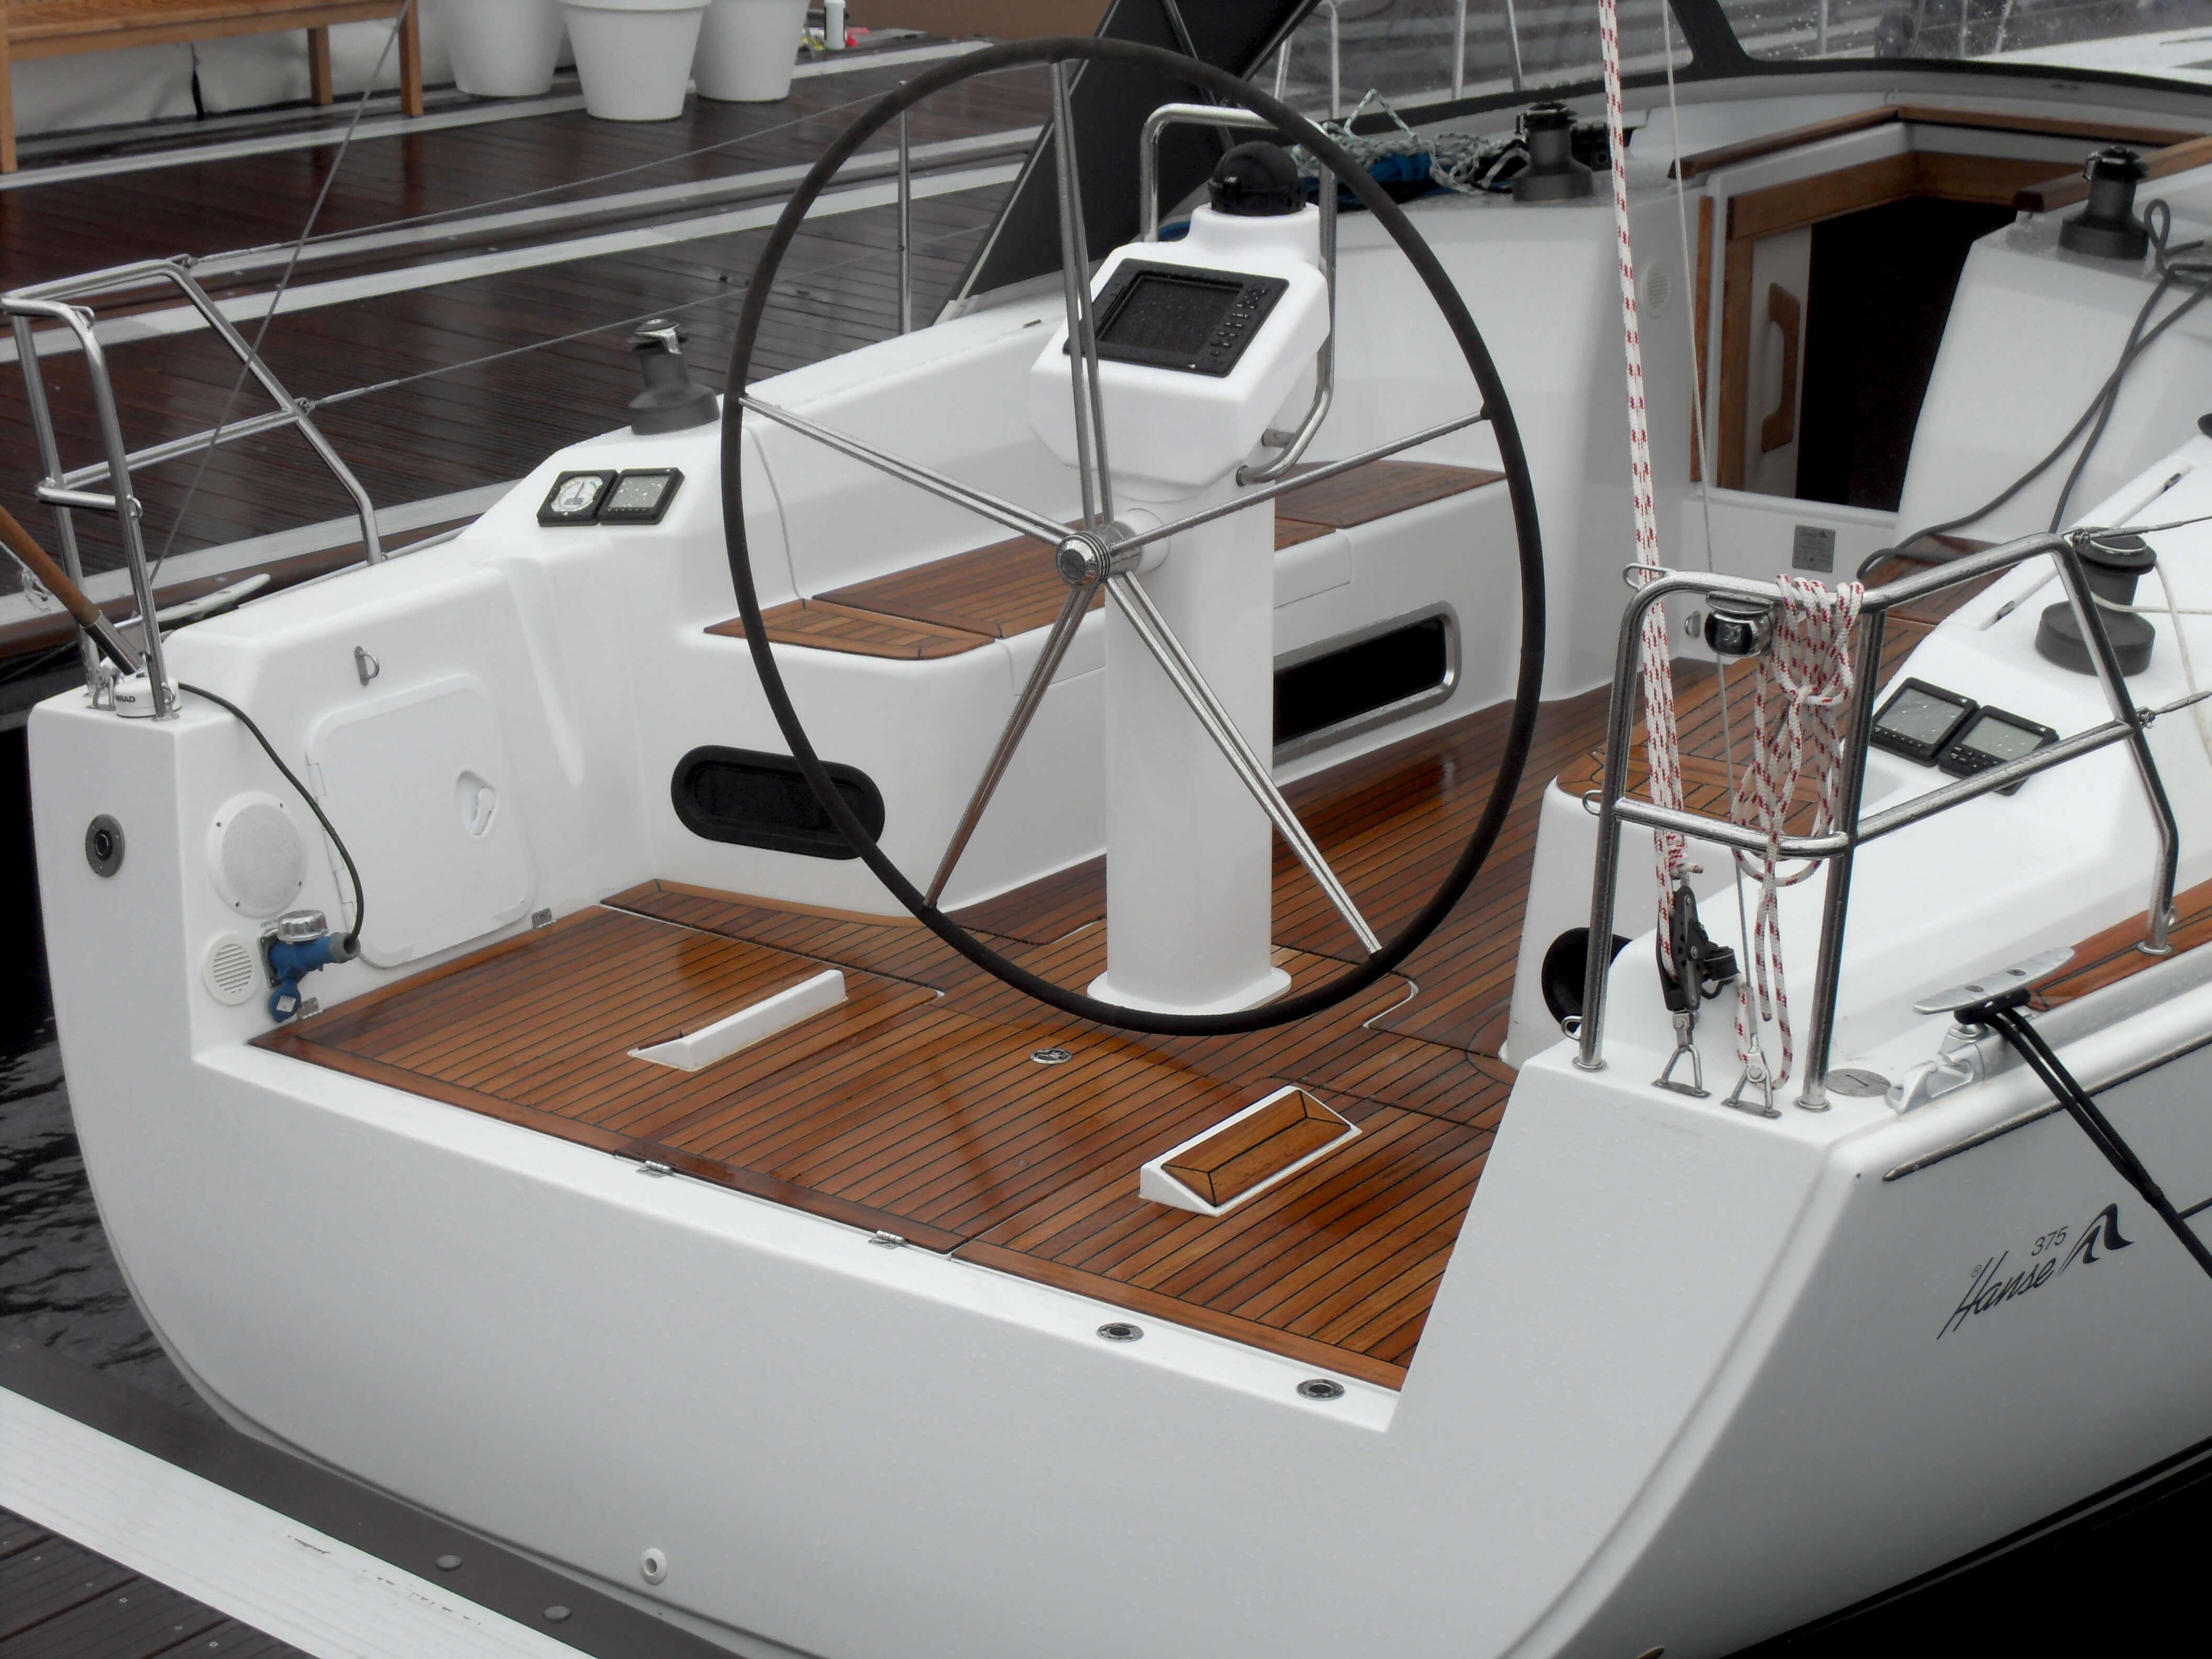 Hanse 375 Exterior at anchor | Hanse